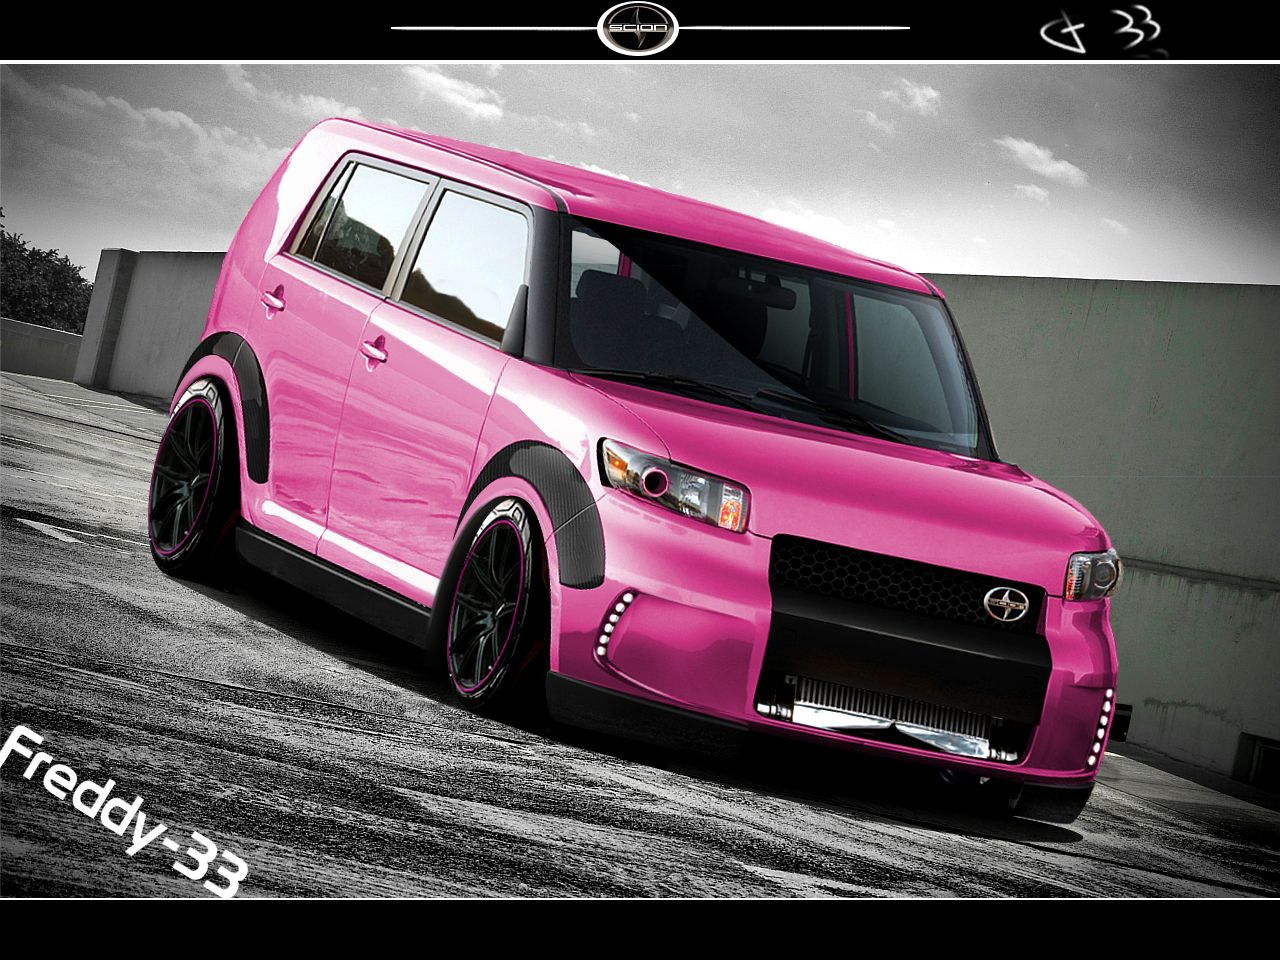 Scion Xb Pink By Freddy 33 On Deviantart Scion Xb Scion Scion Accessories